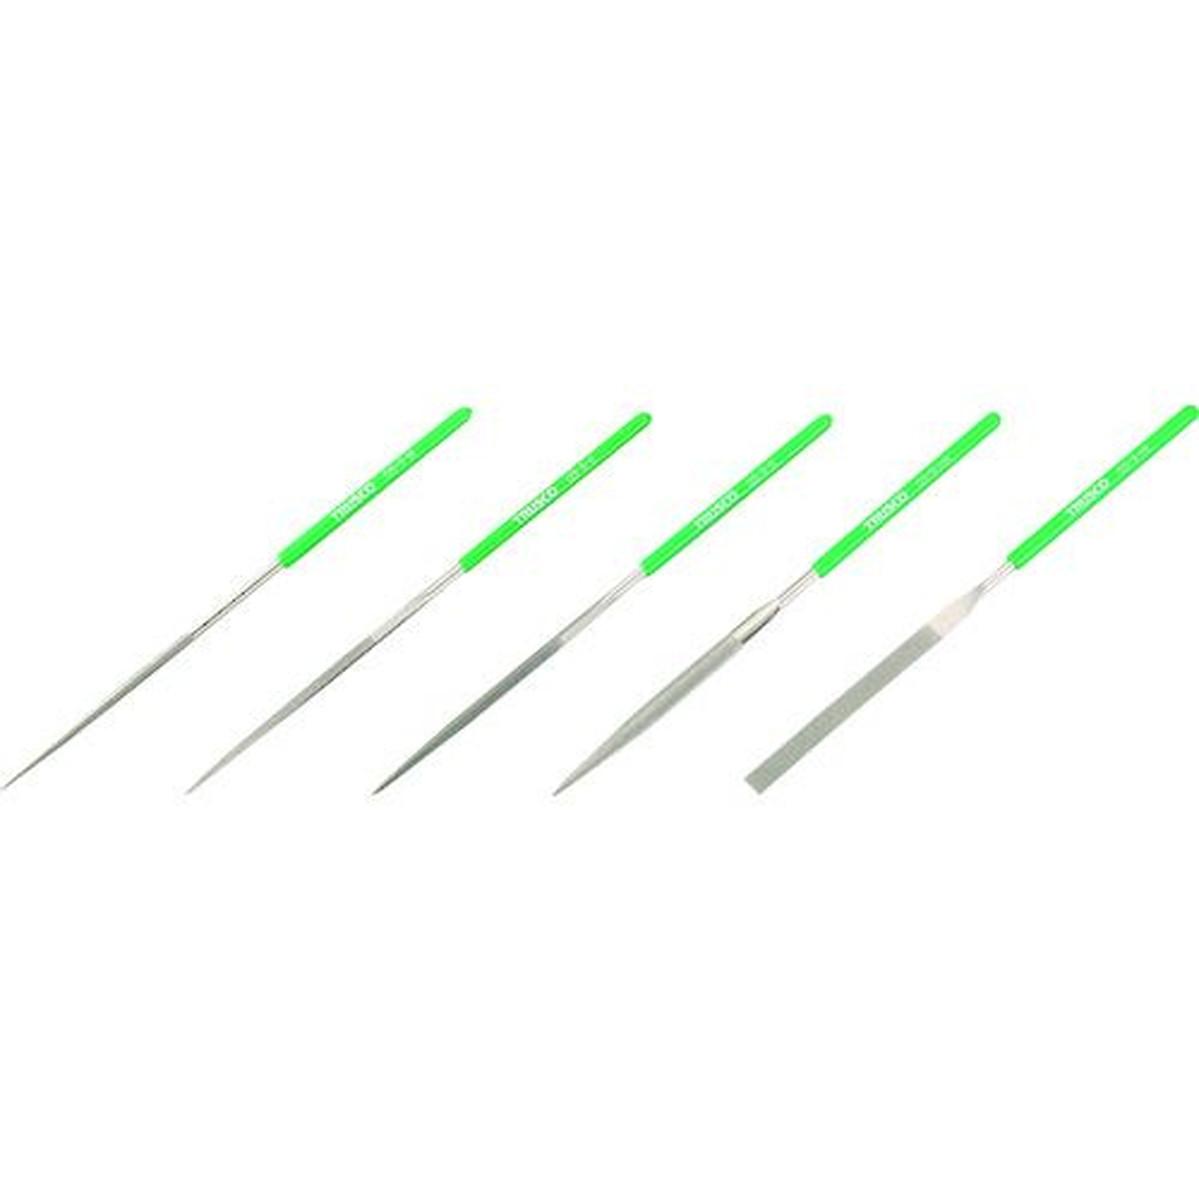 最新デザインの TRUSCO ダイヤモンドヤスリ 精密用 セット 5本組 セット 5本組 1S 1S, スタイルロココ:3514900a --- blacktieclassic.com.au